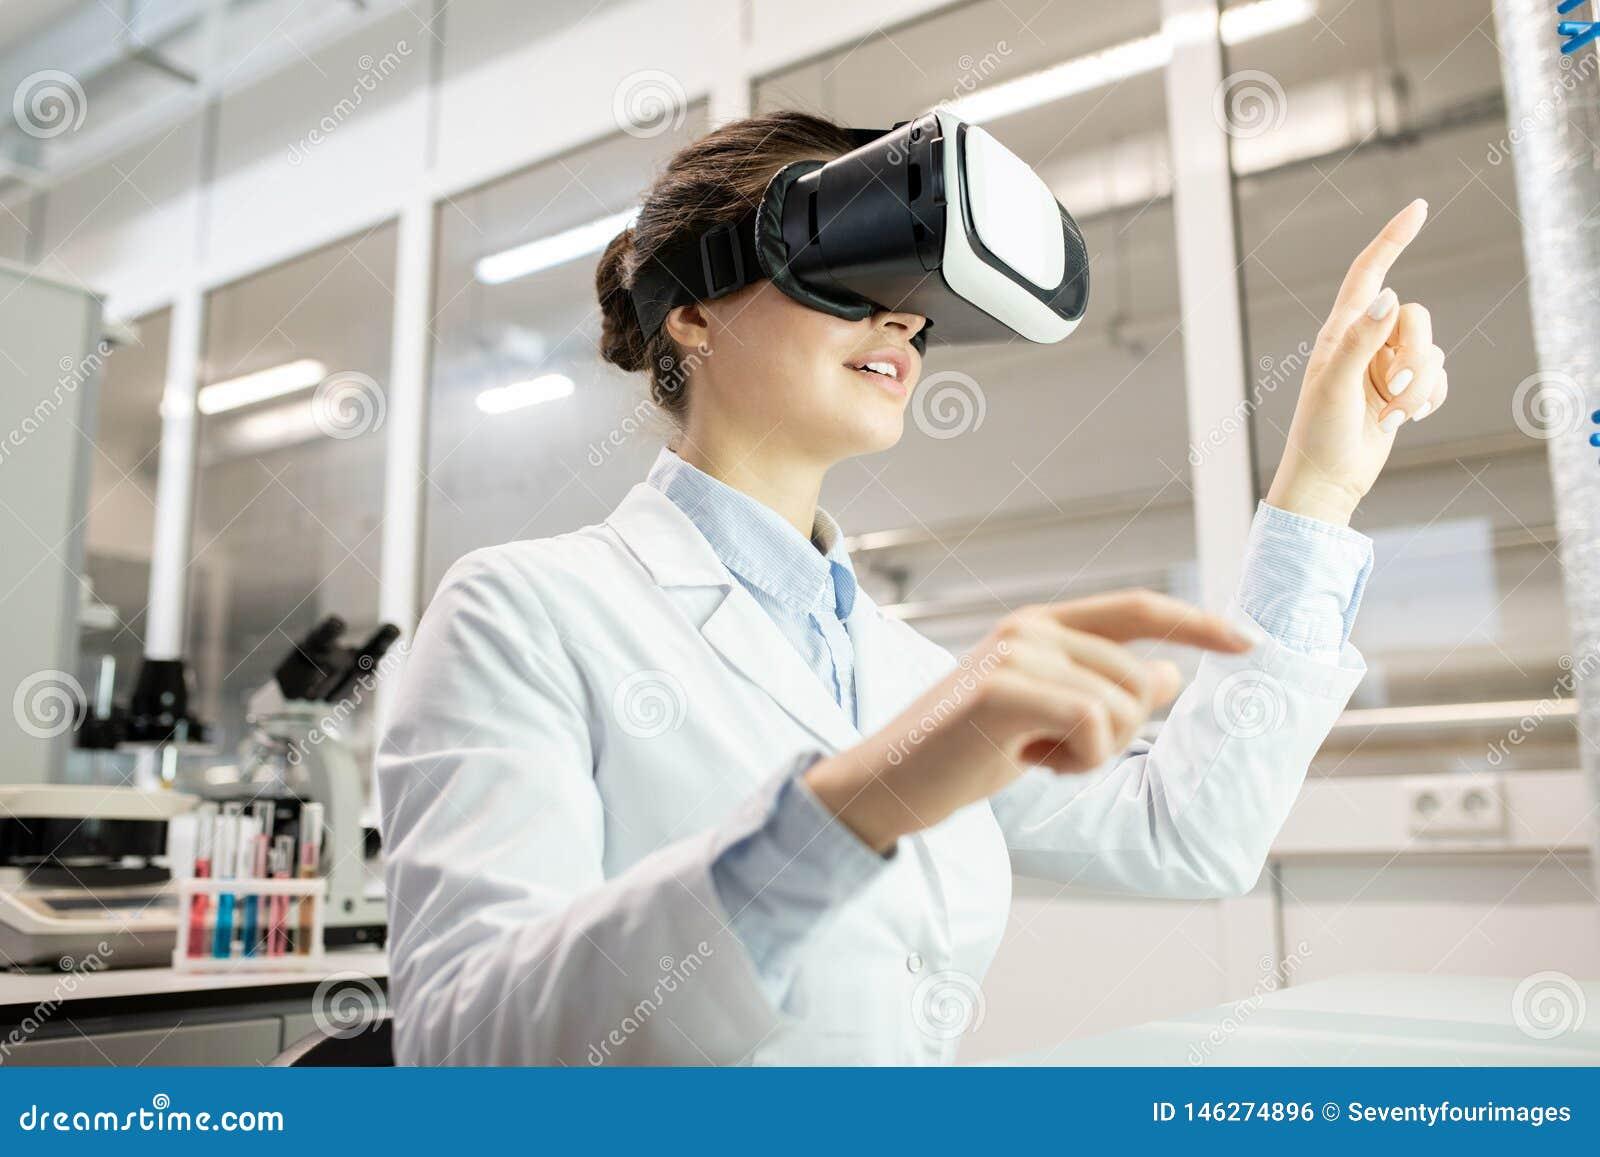 Laboranckiego pracownika dopatrywania wideo na VR przyrządzie